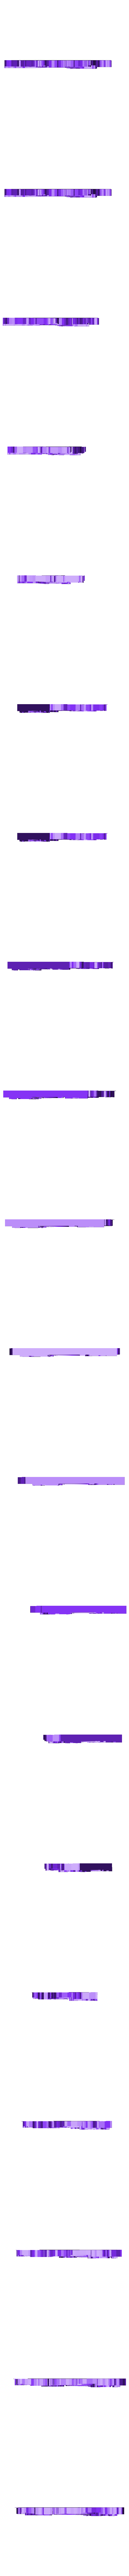 20120925D_Antikythera04.stl Télécharger fichier STL gratuit Mécanisme Antikythera • Objet pour imprimante 3D, Ghashgar